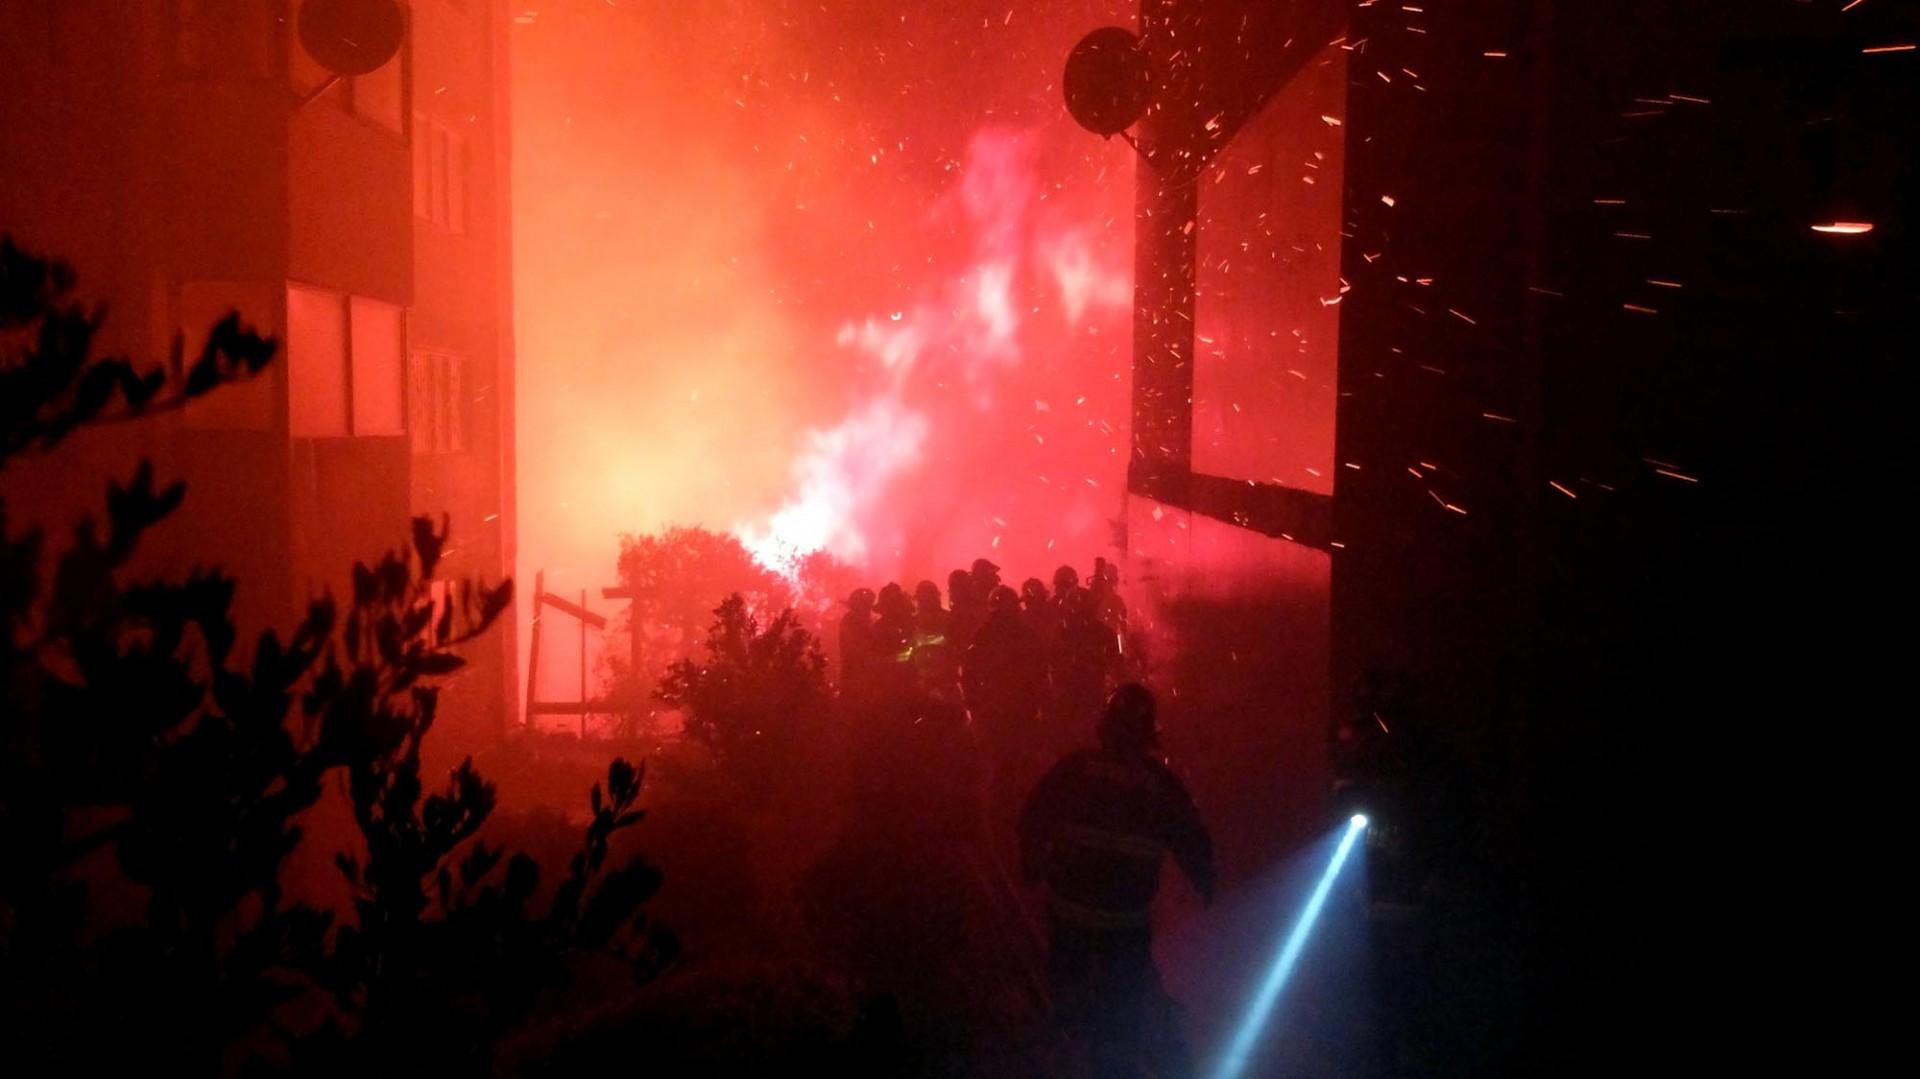 incendio hd 14marzo (32)